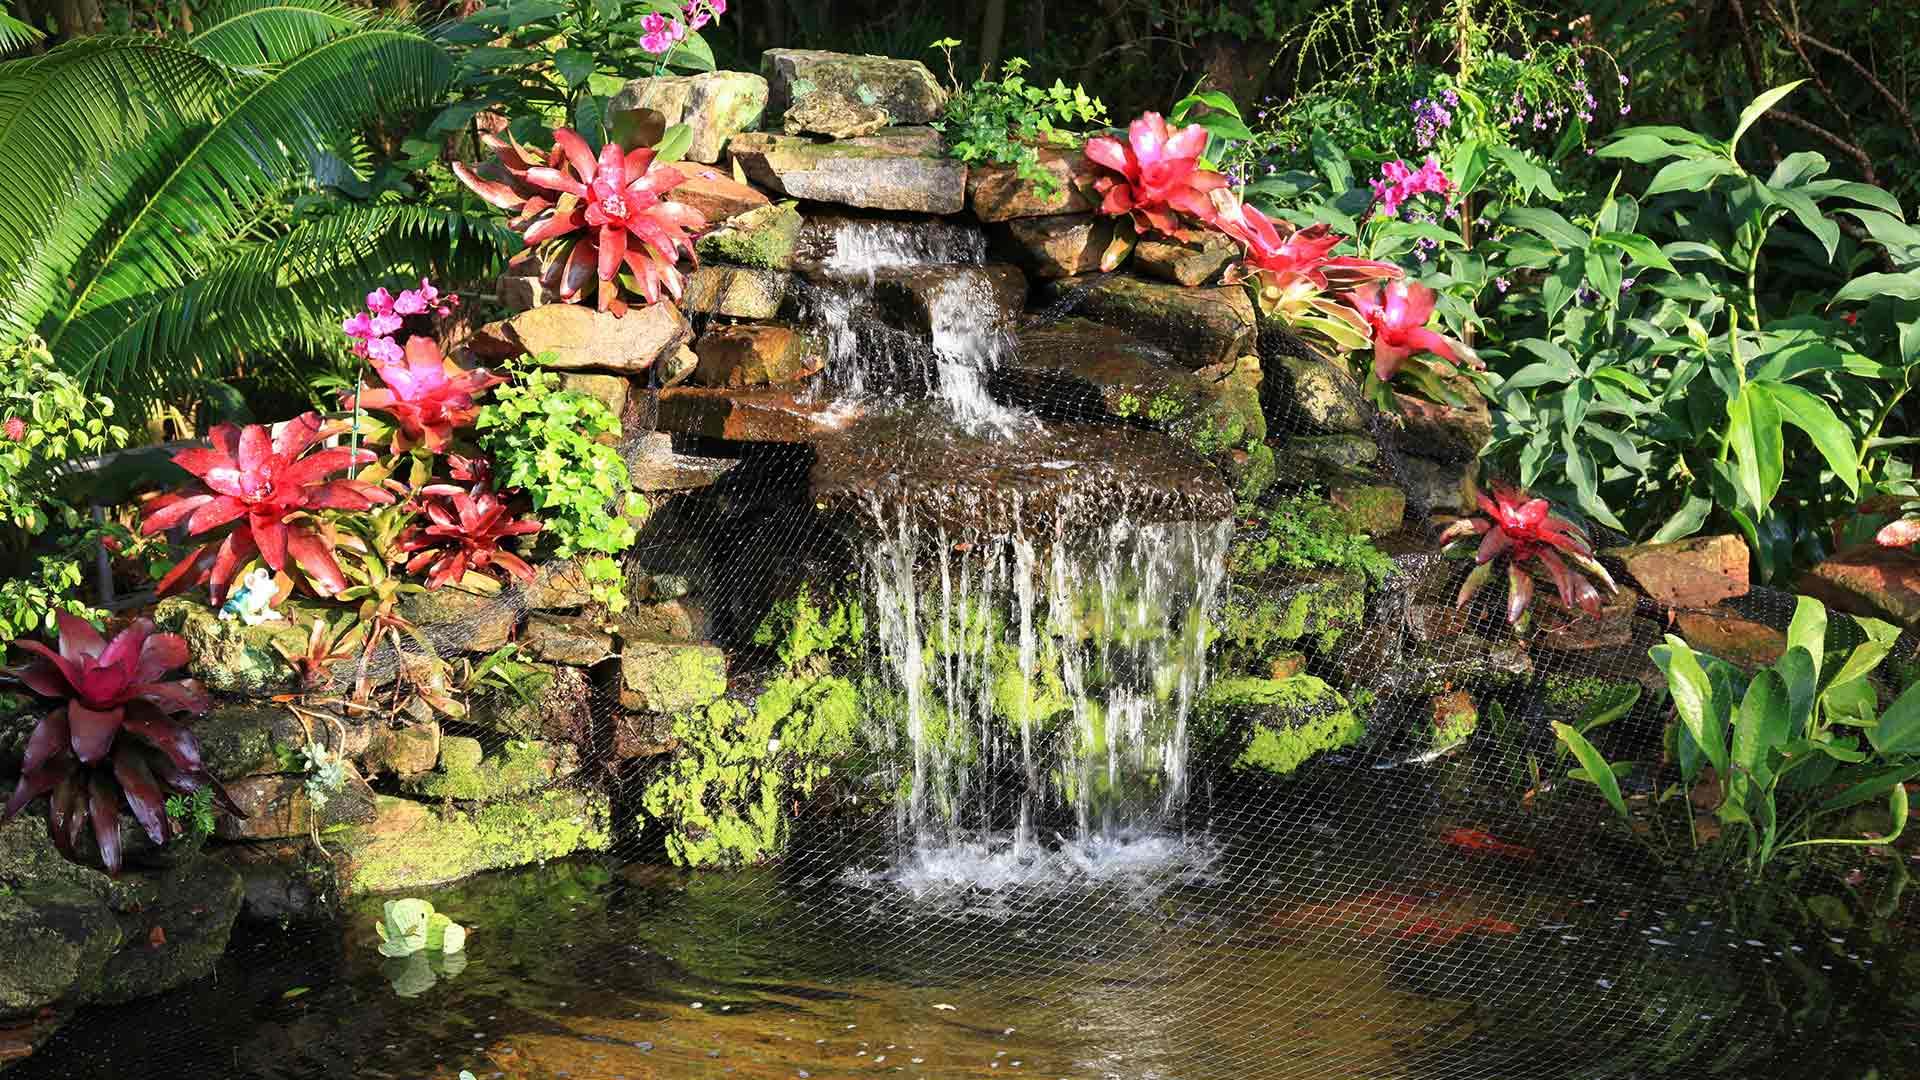 Premier Horticulture Landscape Design, Landscaping and Garden Design slide 3